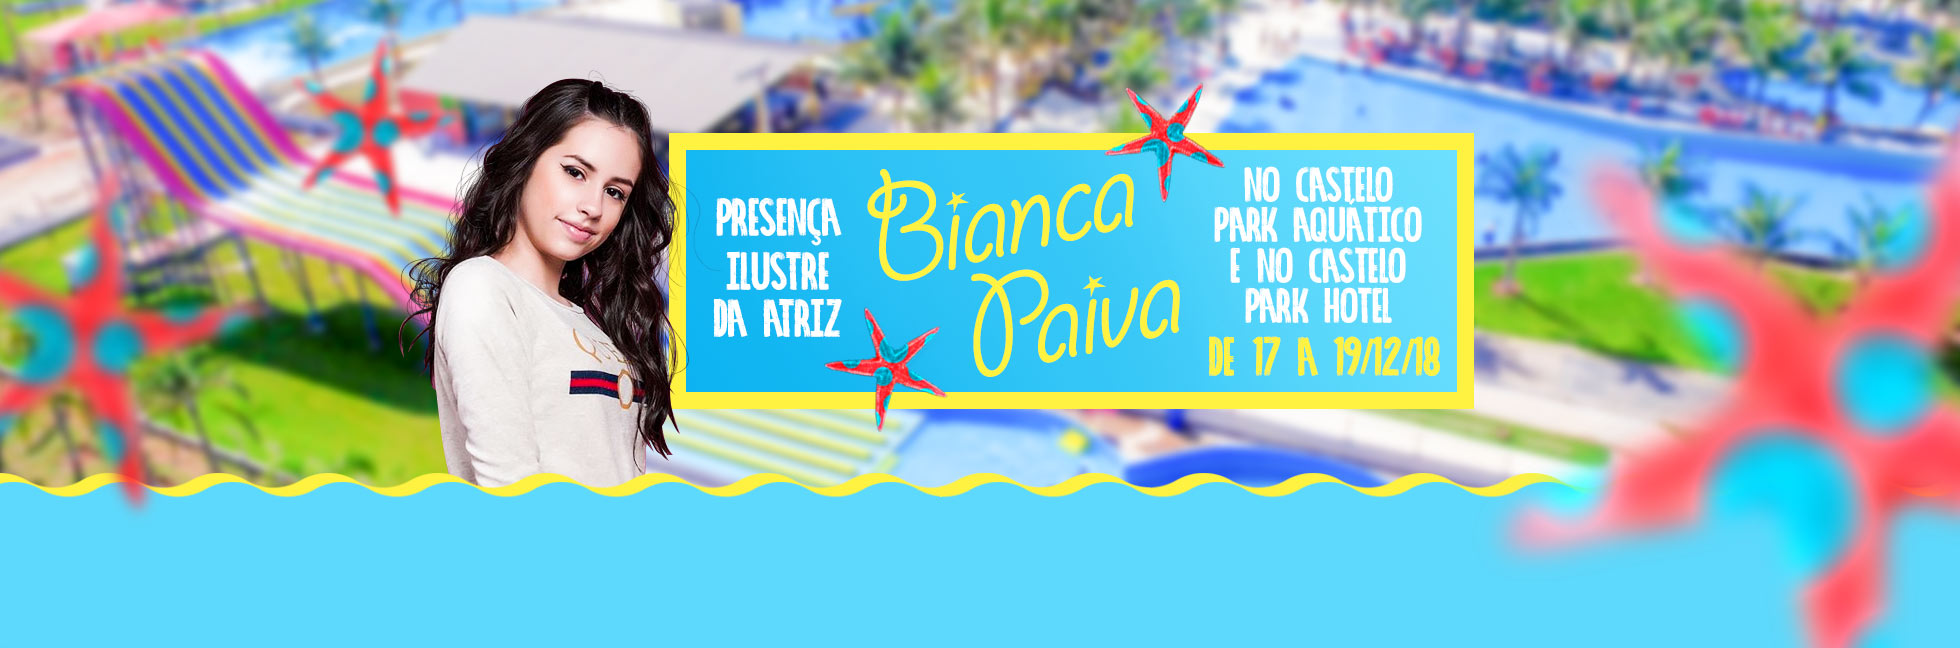 Atriz Bianca Paiva